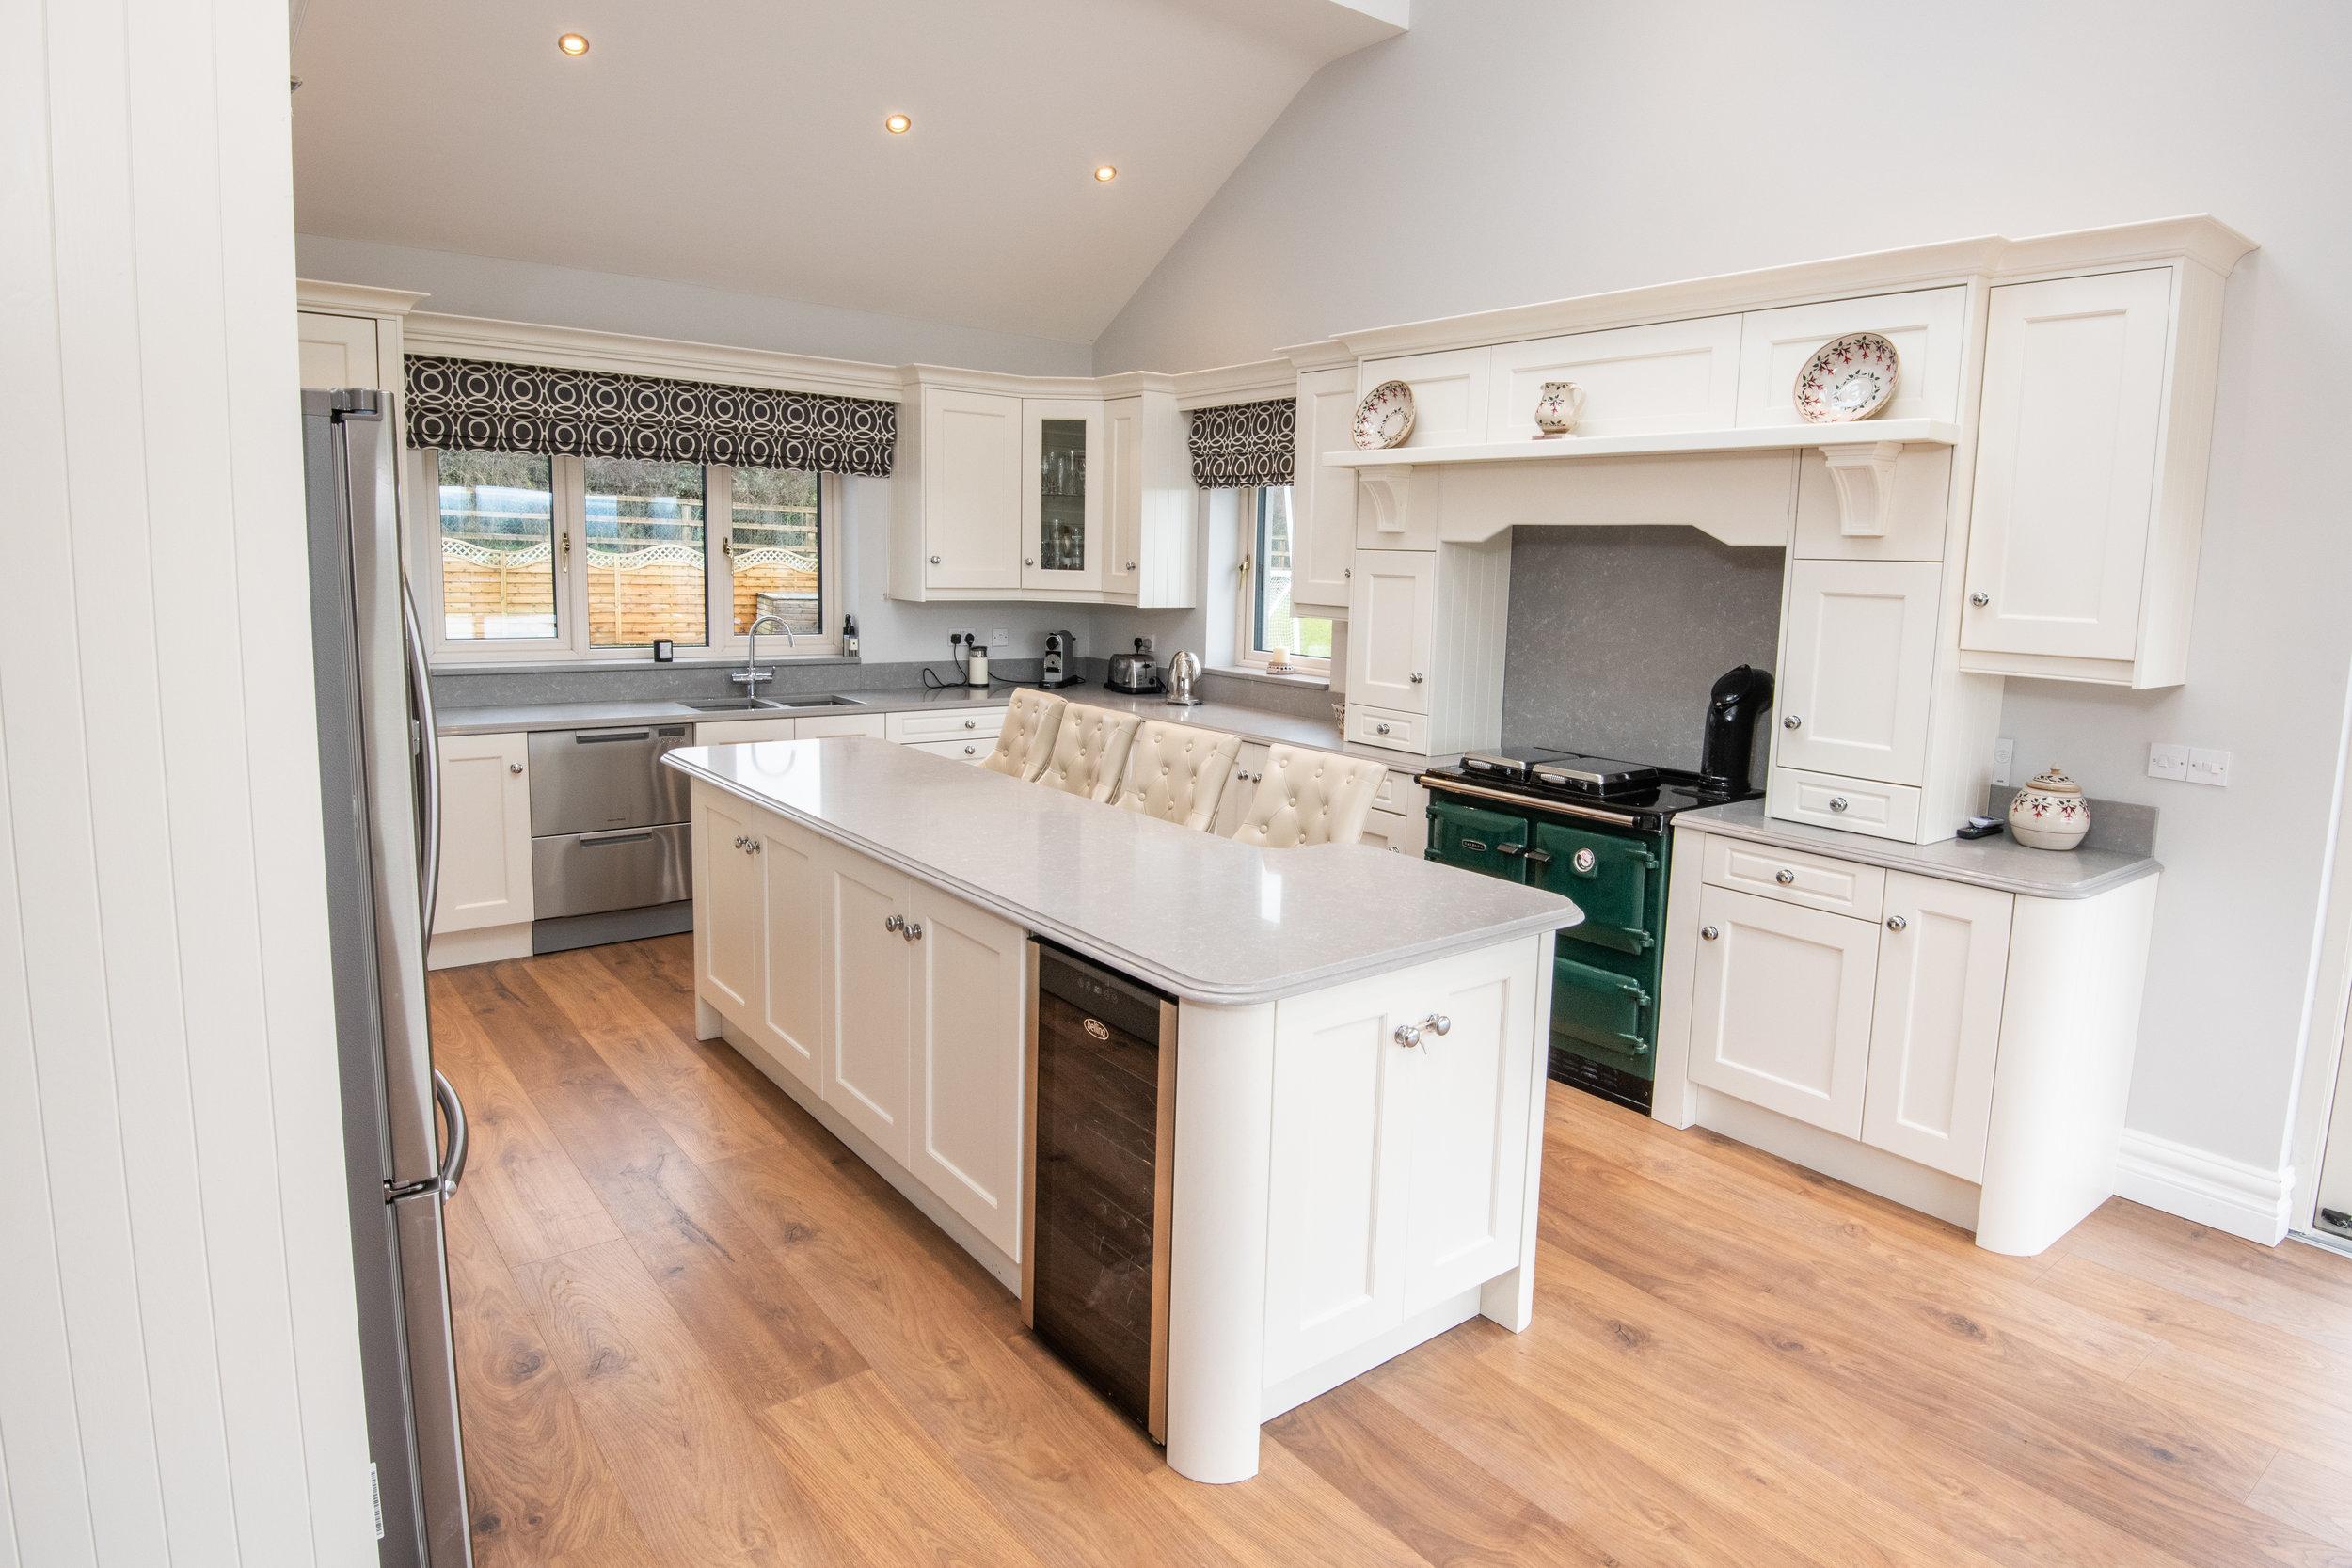 Tundra Kitchen - Quartzstone kitchen